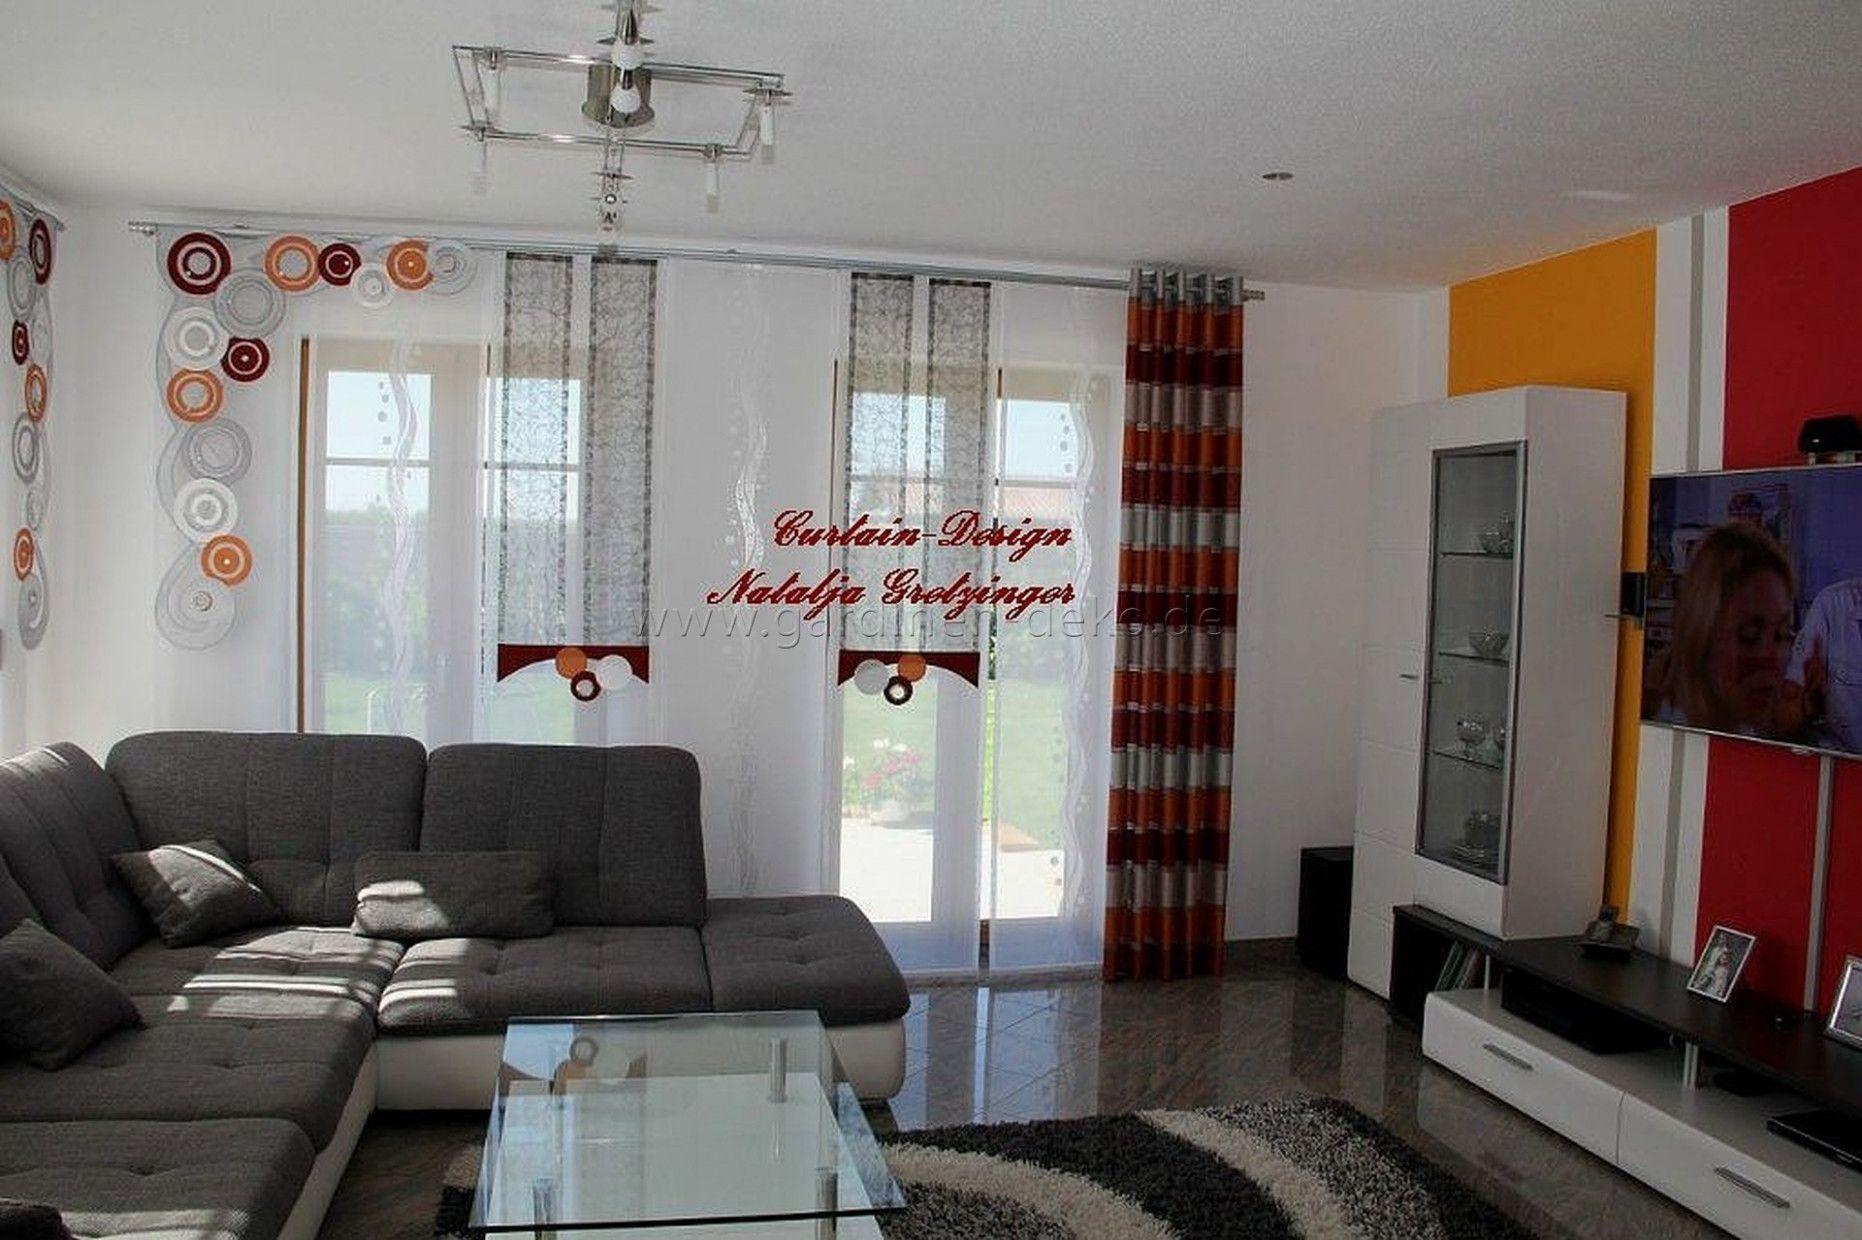 Wohnzimmer Deko Rot Grau  Haus Ideen - #kitchencupboardsideas